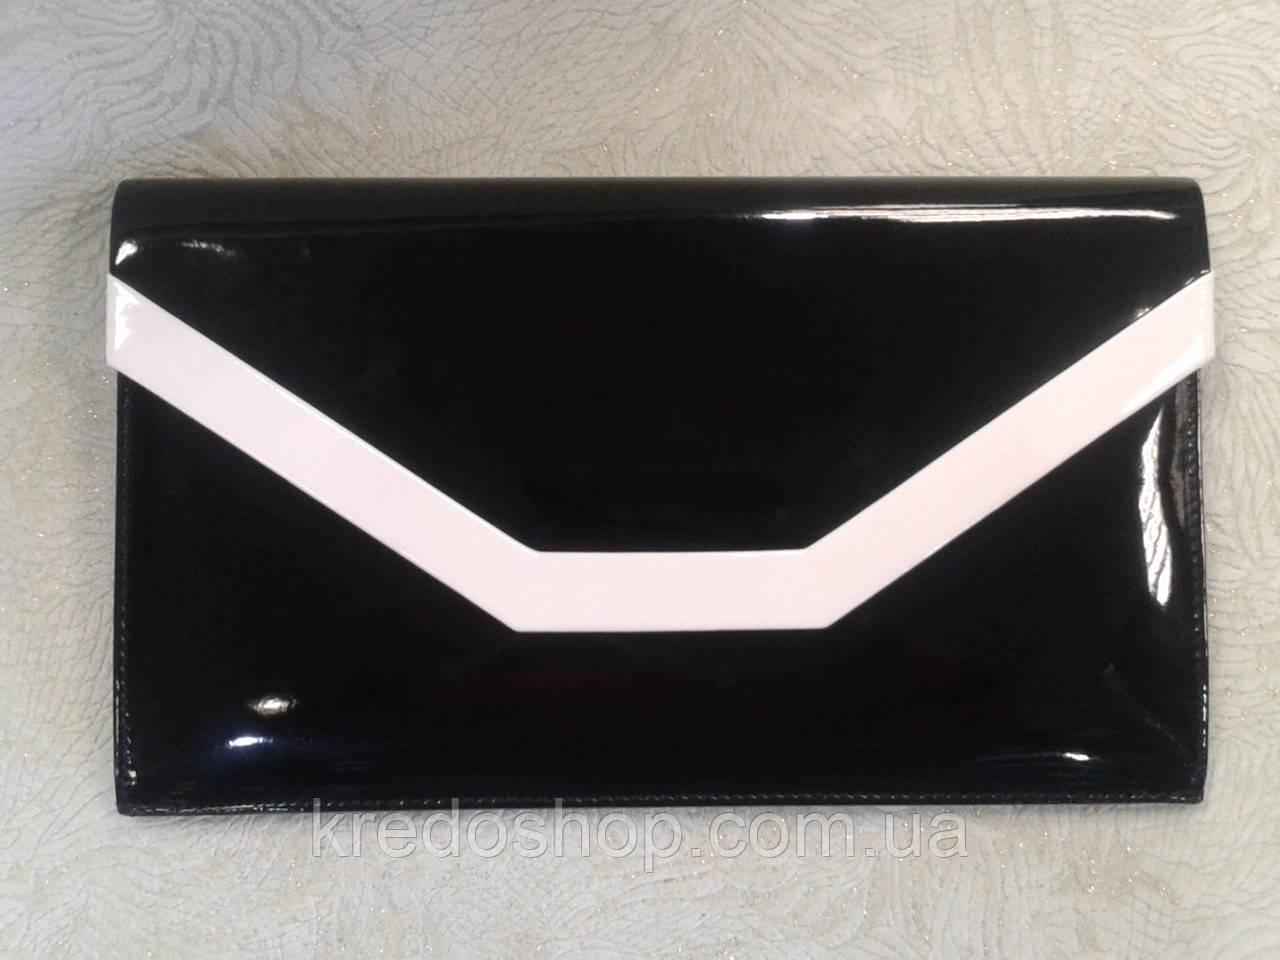 28891d2a6ba3 Клатч женский вечерний лаковый черный с белым (Турция) - Интернет-магазин  сумок и